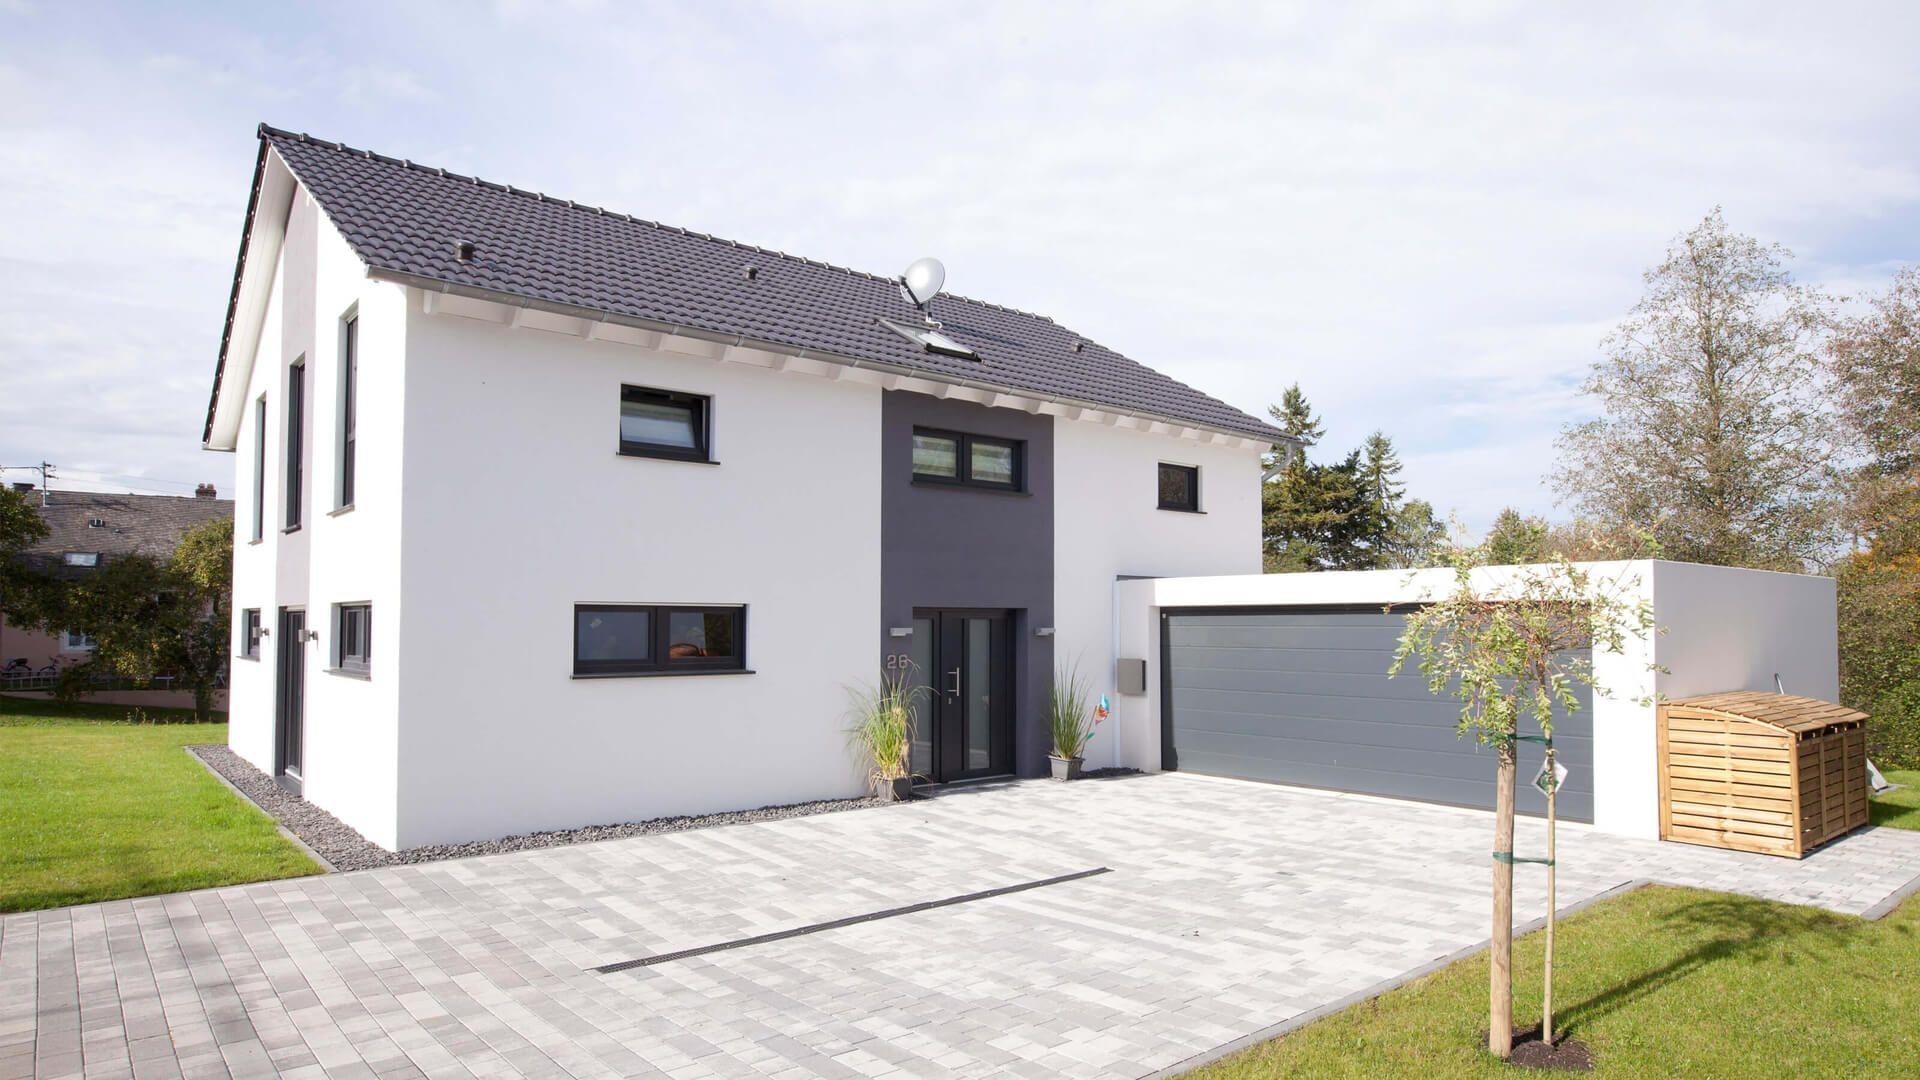 fingerhut einfamilienhaus schwarzes satteldach wei verputzt mit grau abgesetzten teilfl chen. Black Bedroom Furniture Sets. Home Design Ideas